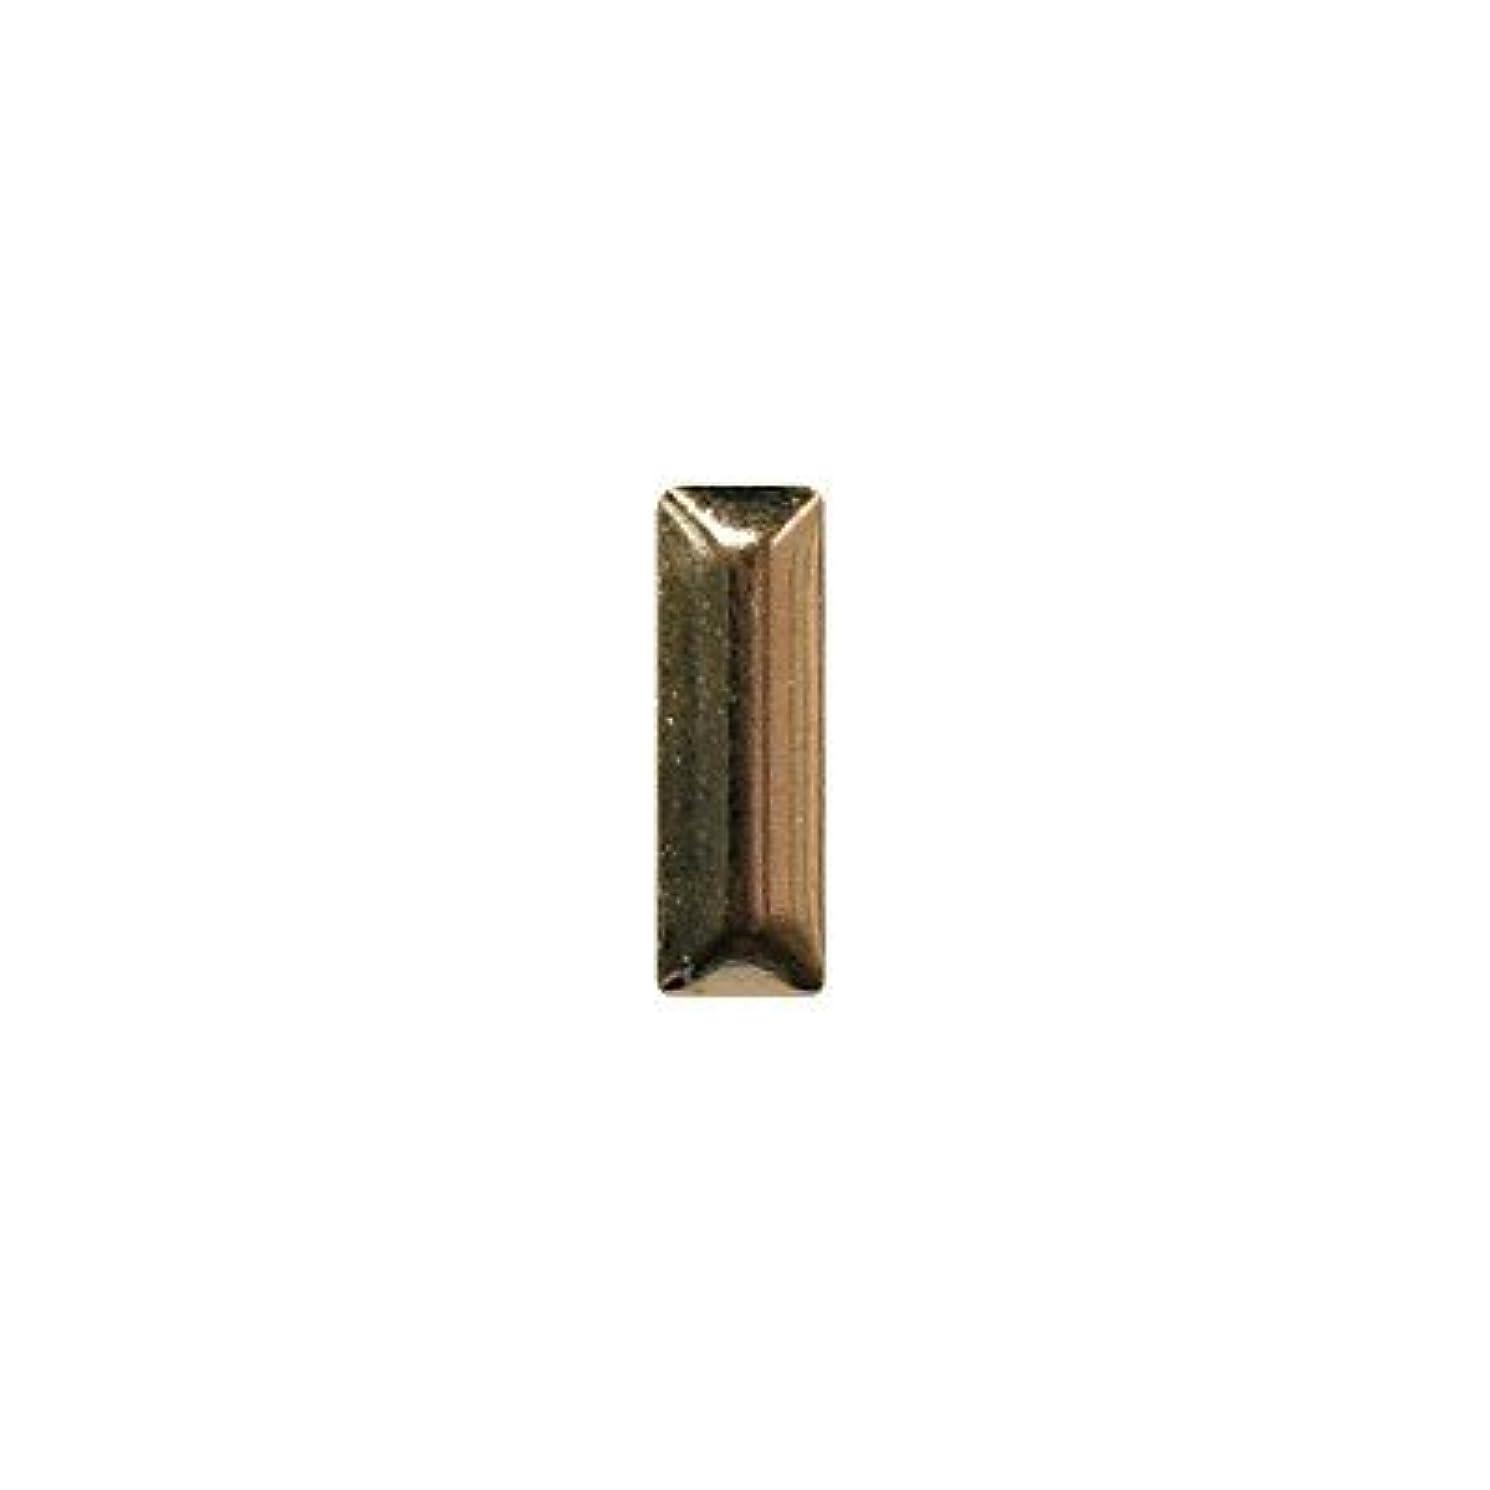 カード貸し手中絶ピアドラ スタッズ メタル長方形 2×6mm 50P ゴールド